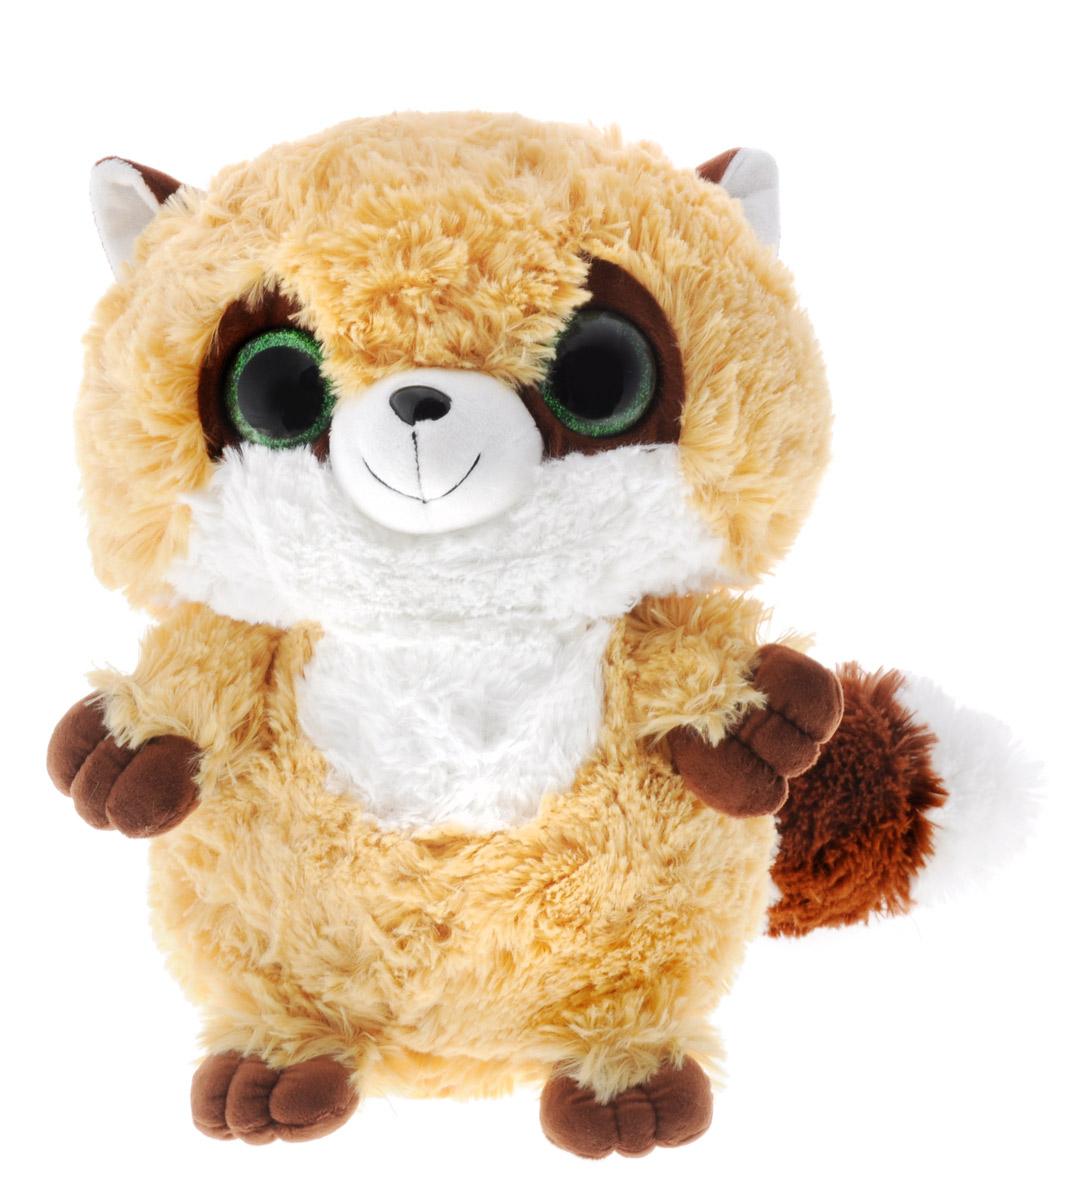 СмолТойс Мягкая игрушка Енотик цвет бежевый 30 см мягкая игрушка смолтойс кевин в робе 30 см